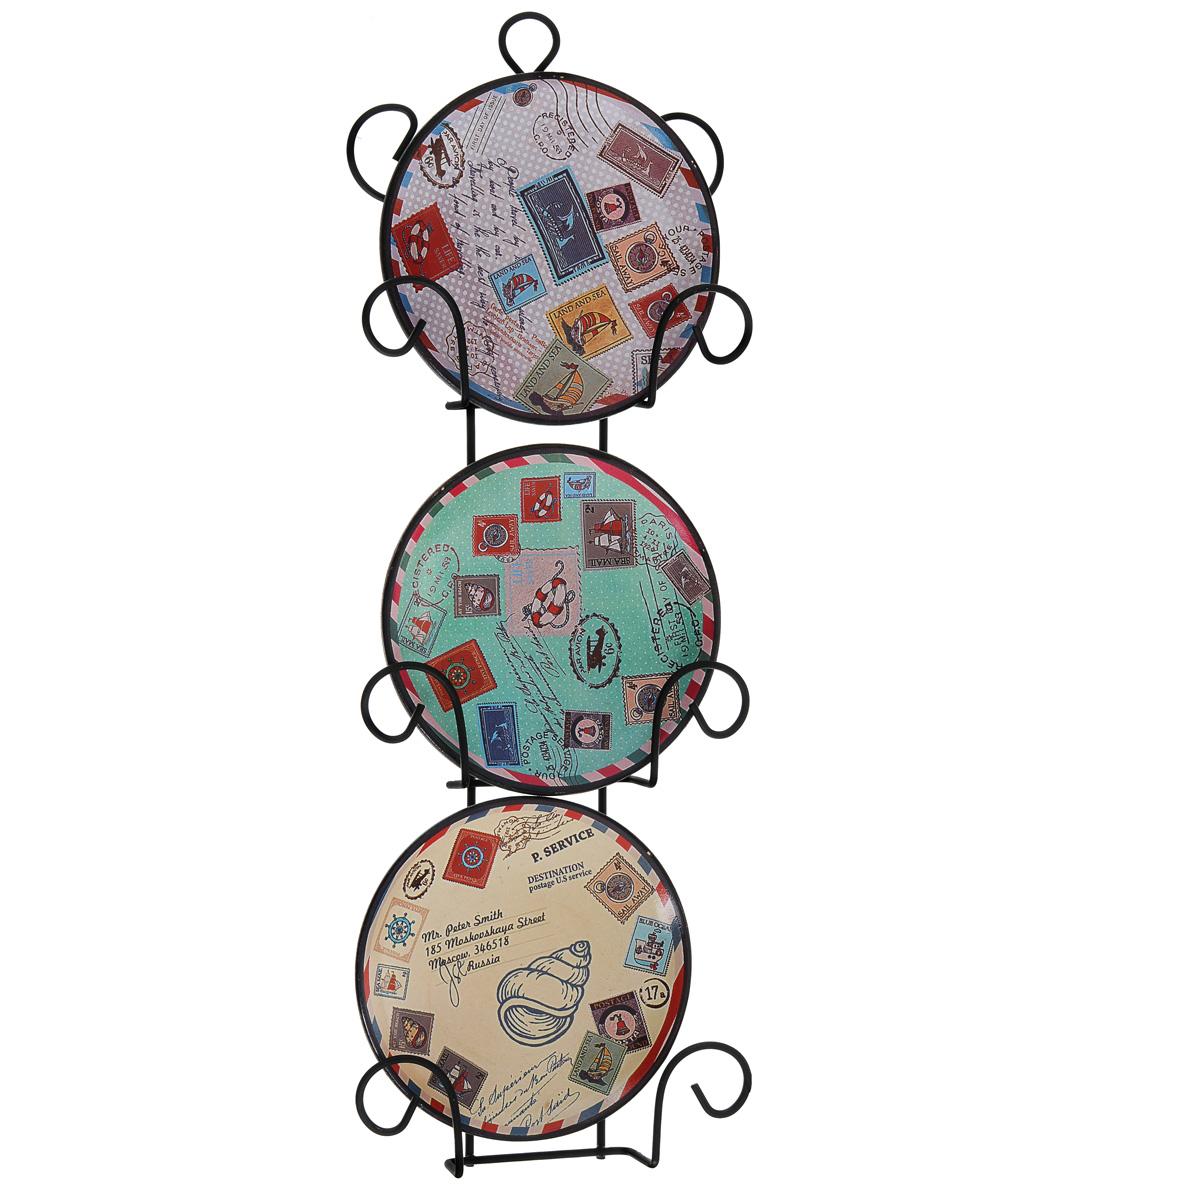 Набор декоративных тарелок Почта, диаметр 10 см, 3 штCh-casa MSP2202Набор из трех декоративных тарелок с ярким рисунком украсят практически любое ваше помещение, будь то кухня, столовая, гостиная, холл и будут являться необычным дизайнерским решением. Тарелки выполнены из доломитовой керамики, подставка в виде вертикальной этажерки,благодаря которой сувенир удобно и быстро крепится к стене, - из черного металла. Каждая тарелочка, декорированная изображениями марок со всех сторон света, помещается в отдельную нишу. Очаровательный набор декоративных тарелок - замечательный подарок друзьям и близким людям. Размер тарелки (без подставки): 10 см х 10 см х 1,5 см. Размер сувенира с подставкой: 2,5 см х 11,5 см х 33 см.